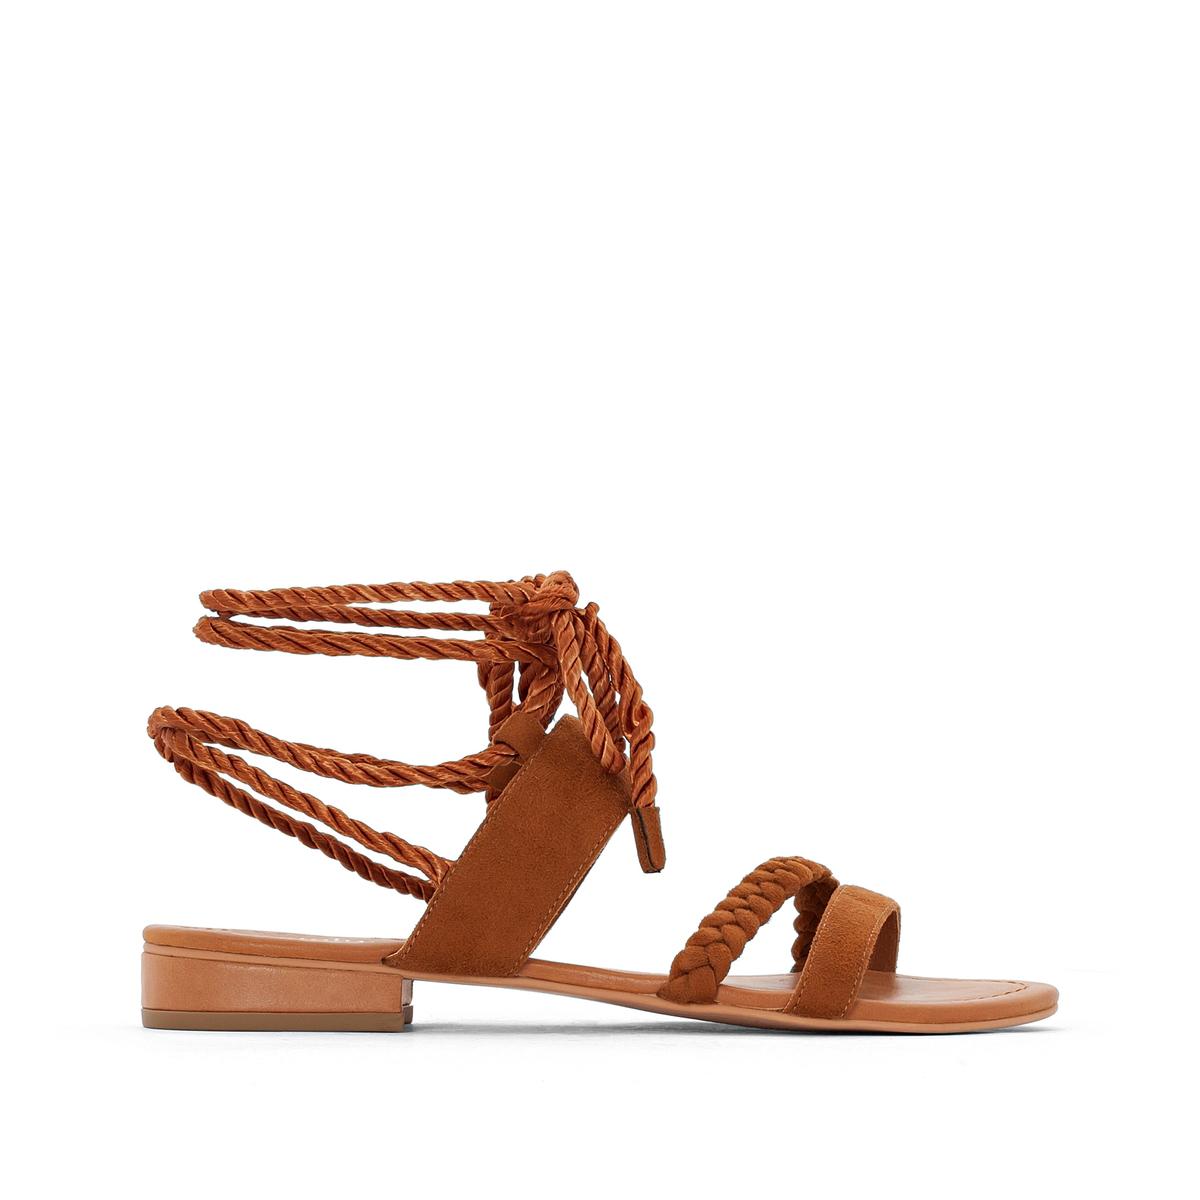 Sandálias para atra no tornozelo, pés largos, do 38 ao 45